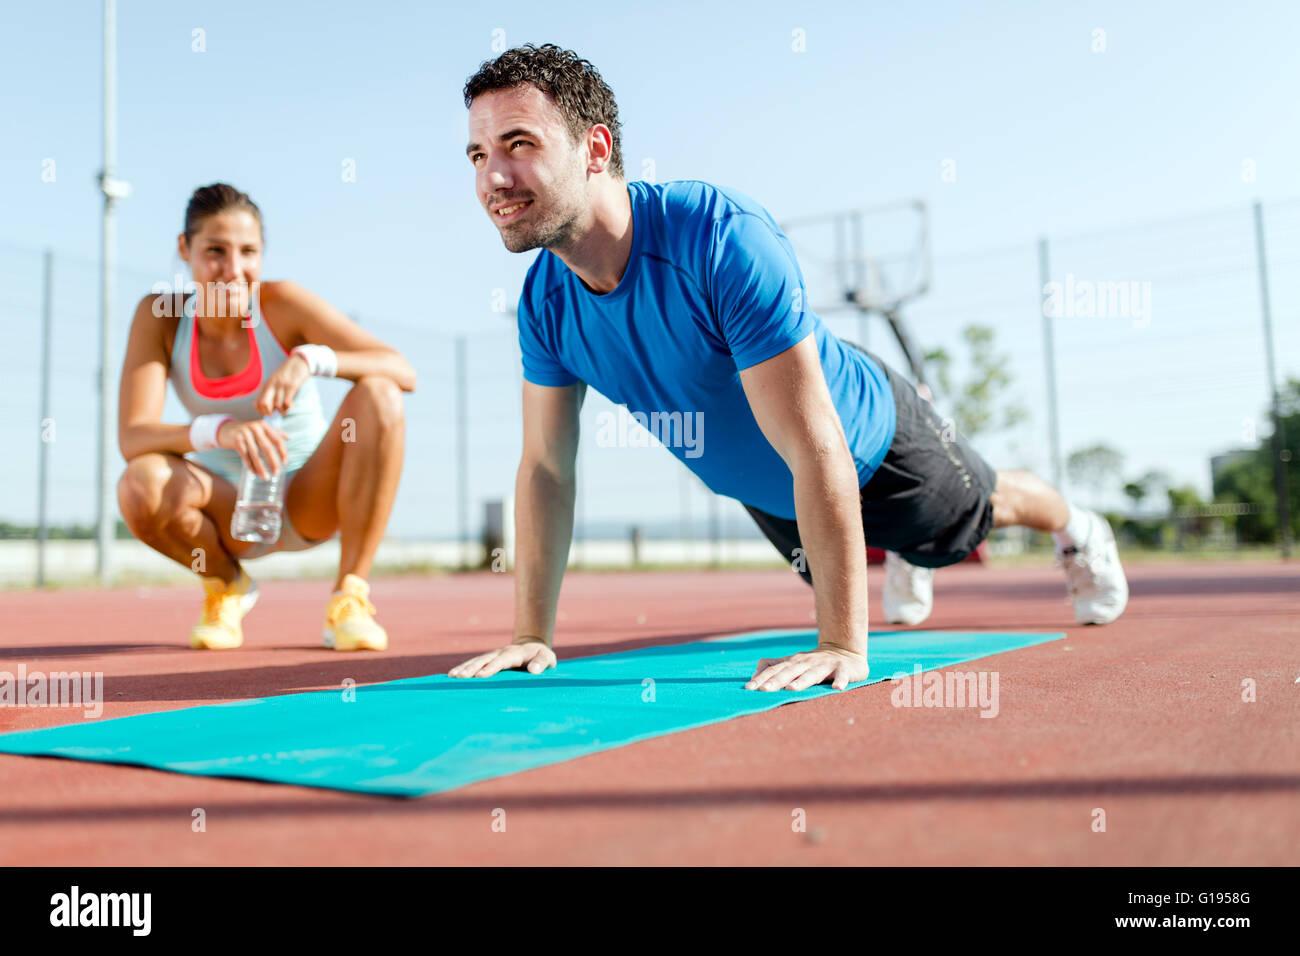 Jóvenes, bellos, sanos y entrenador personal contando push-ups y motivar Imagen De Stock